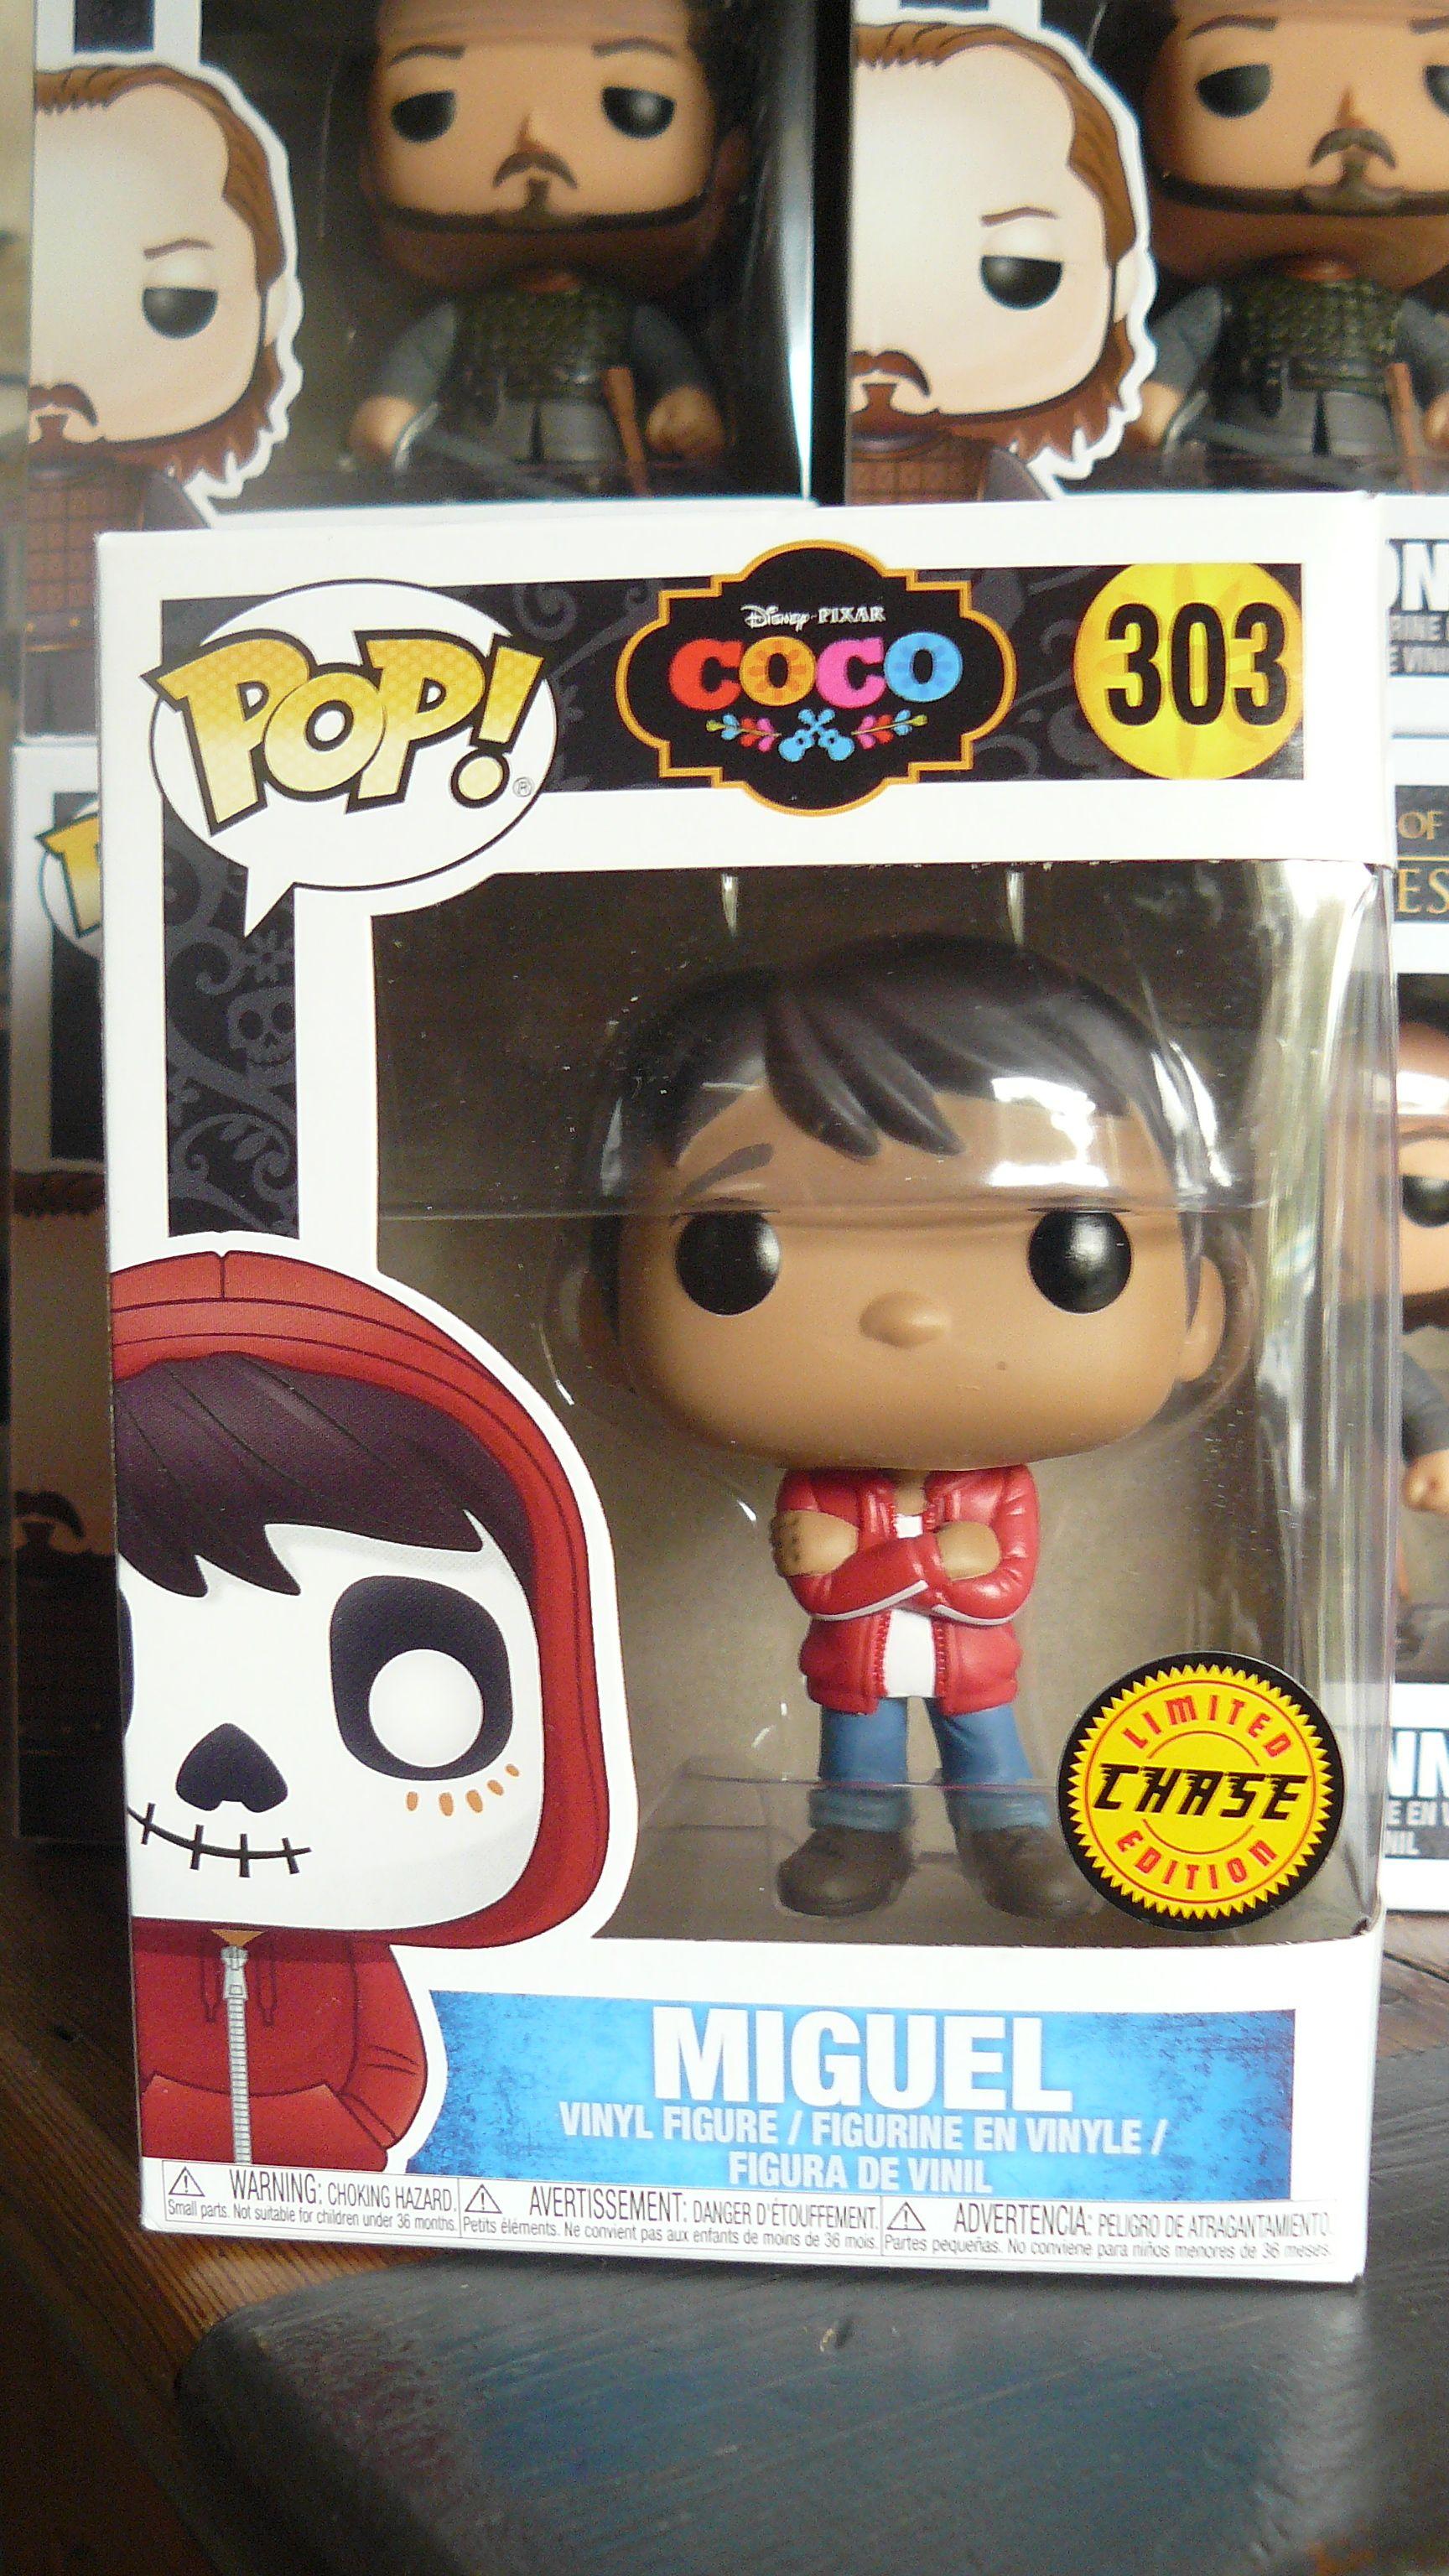 Figurine Funko POP! de Miguel du dessin animé Coco